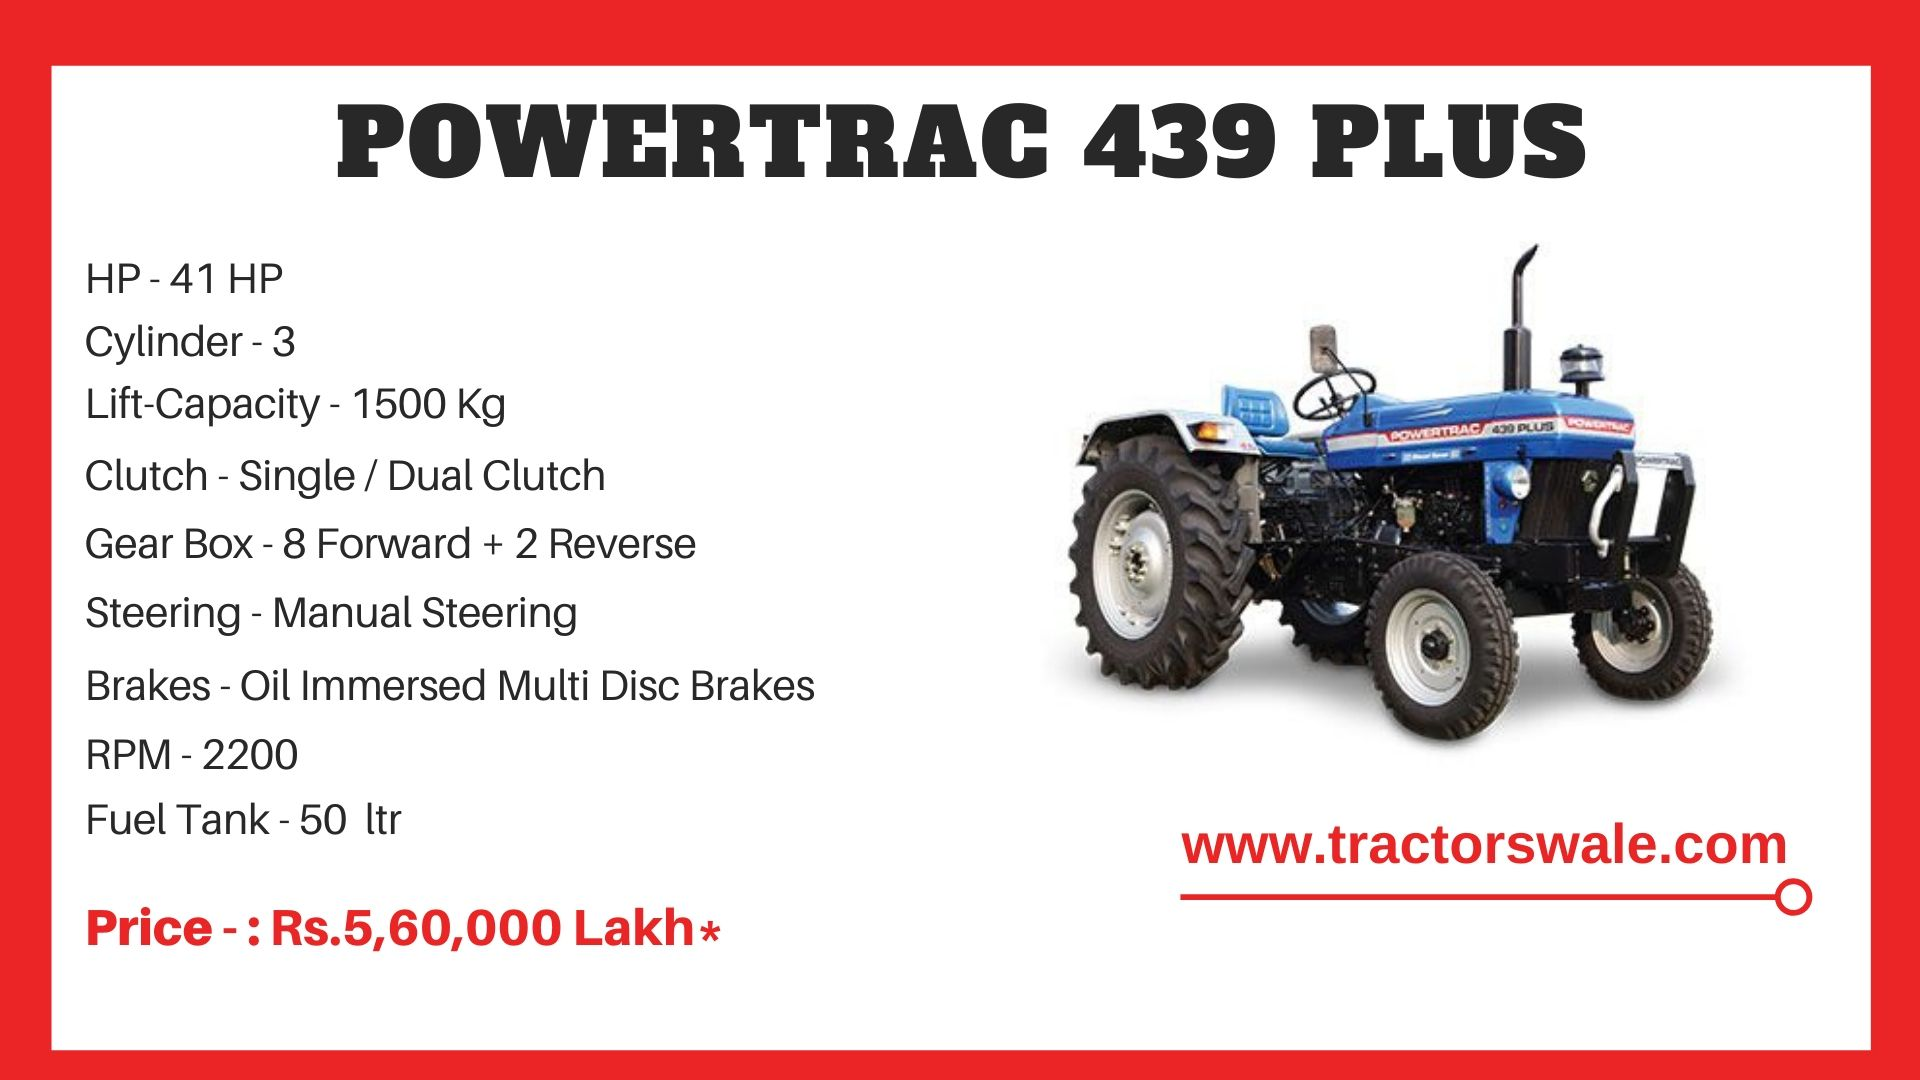 PowerTrac 439 Plus Tractor Price